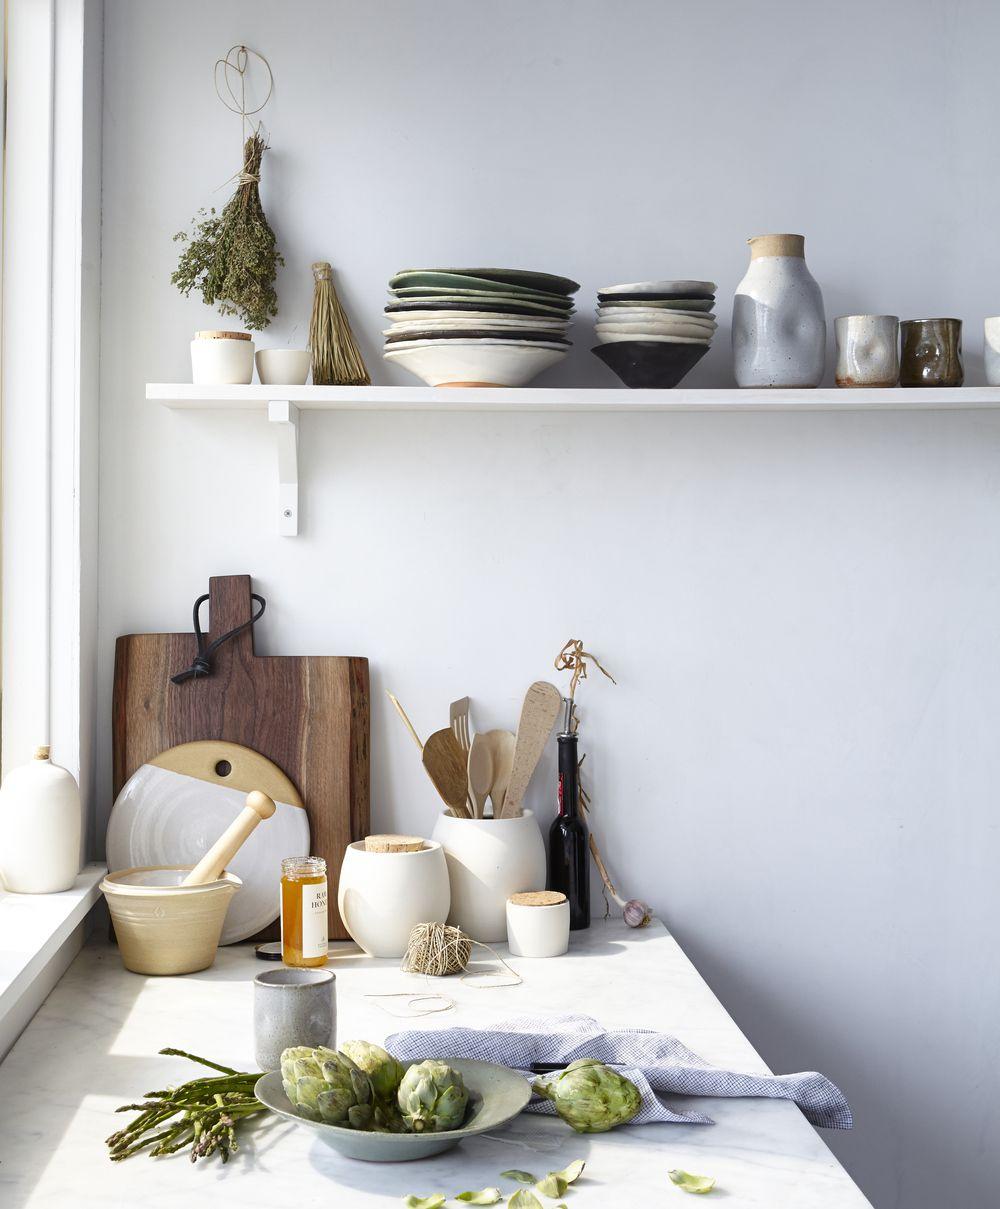 ceramics. — HUNGRY GHOST | Home decor, Kitchen interior, Decor